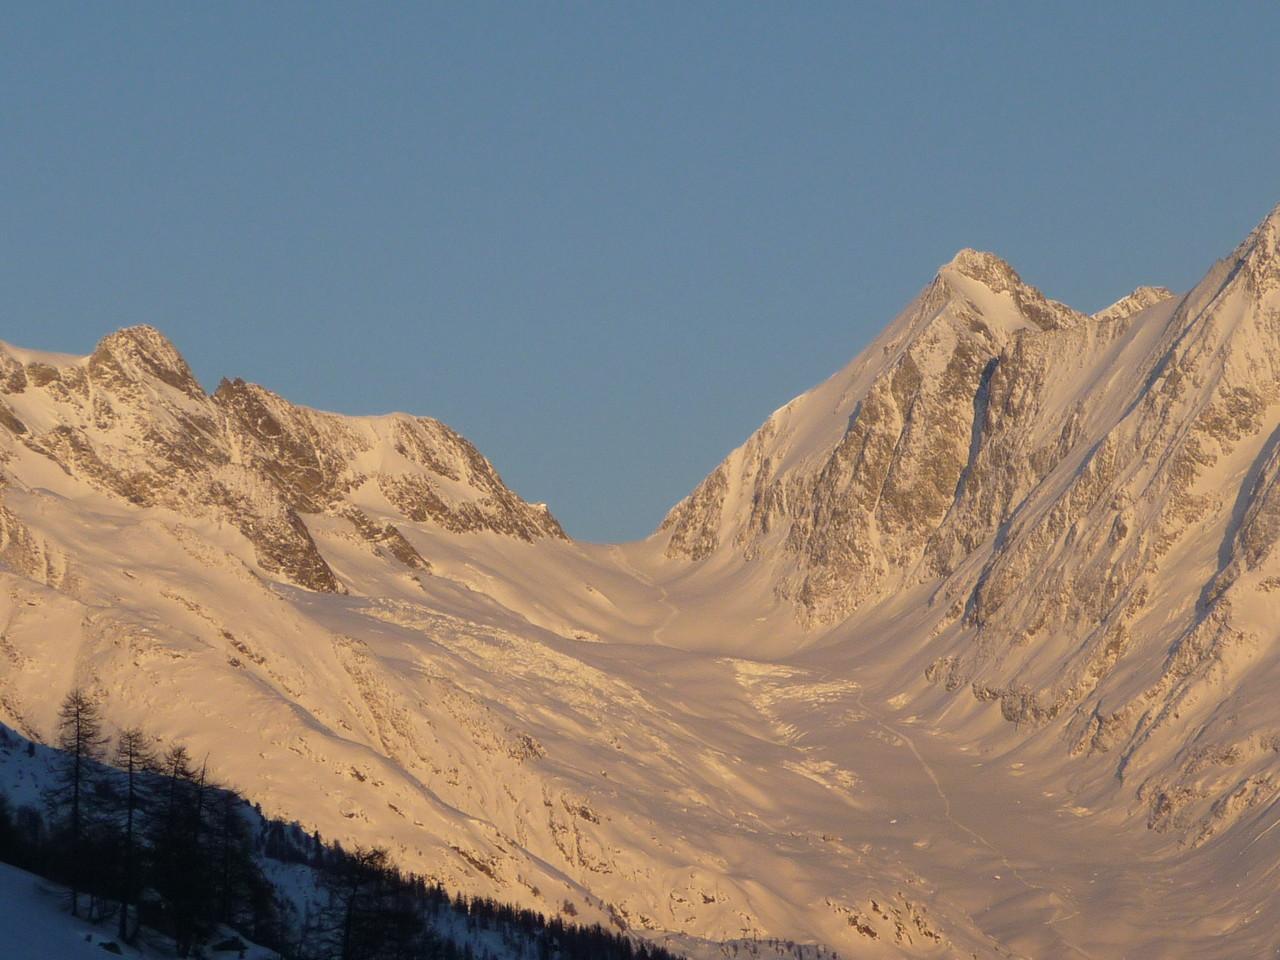 Die Lötschenlücke ist ein stark vergletscherter Gebirgspass in den Berner Alpen, dessen Höhe rund 3'170 m beträgt.